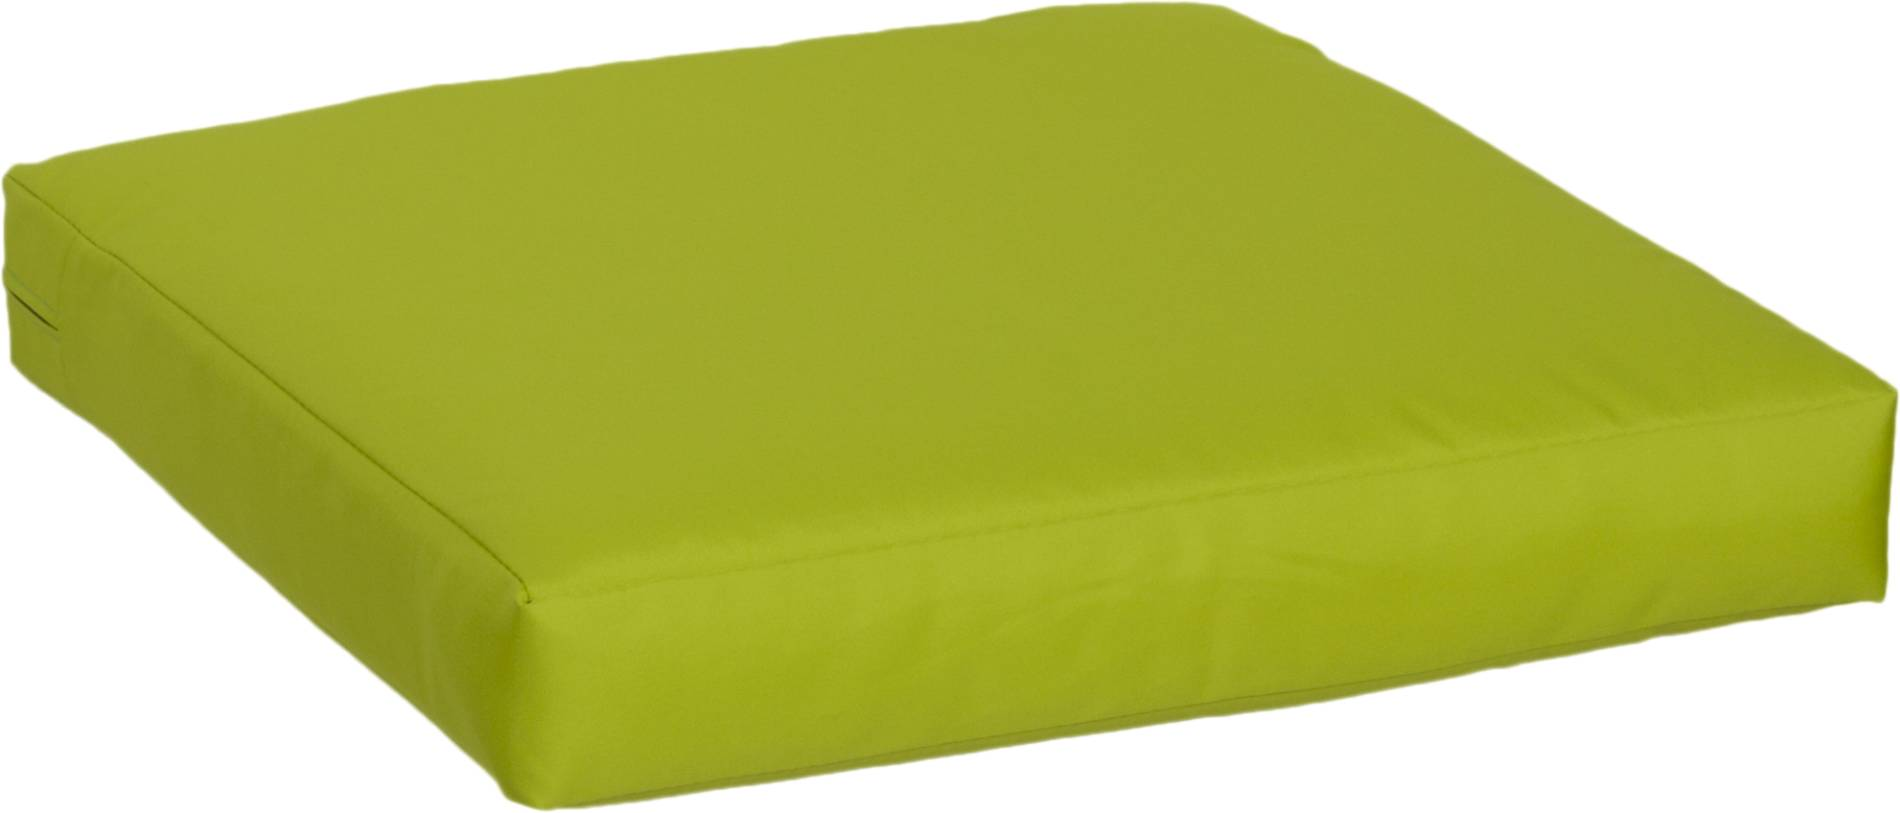 Kissen für Rattan Gartengruppen ca. 50 x 50 cm in hellgrün 100% Polyester wasserabweisend